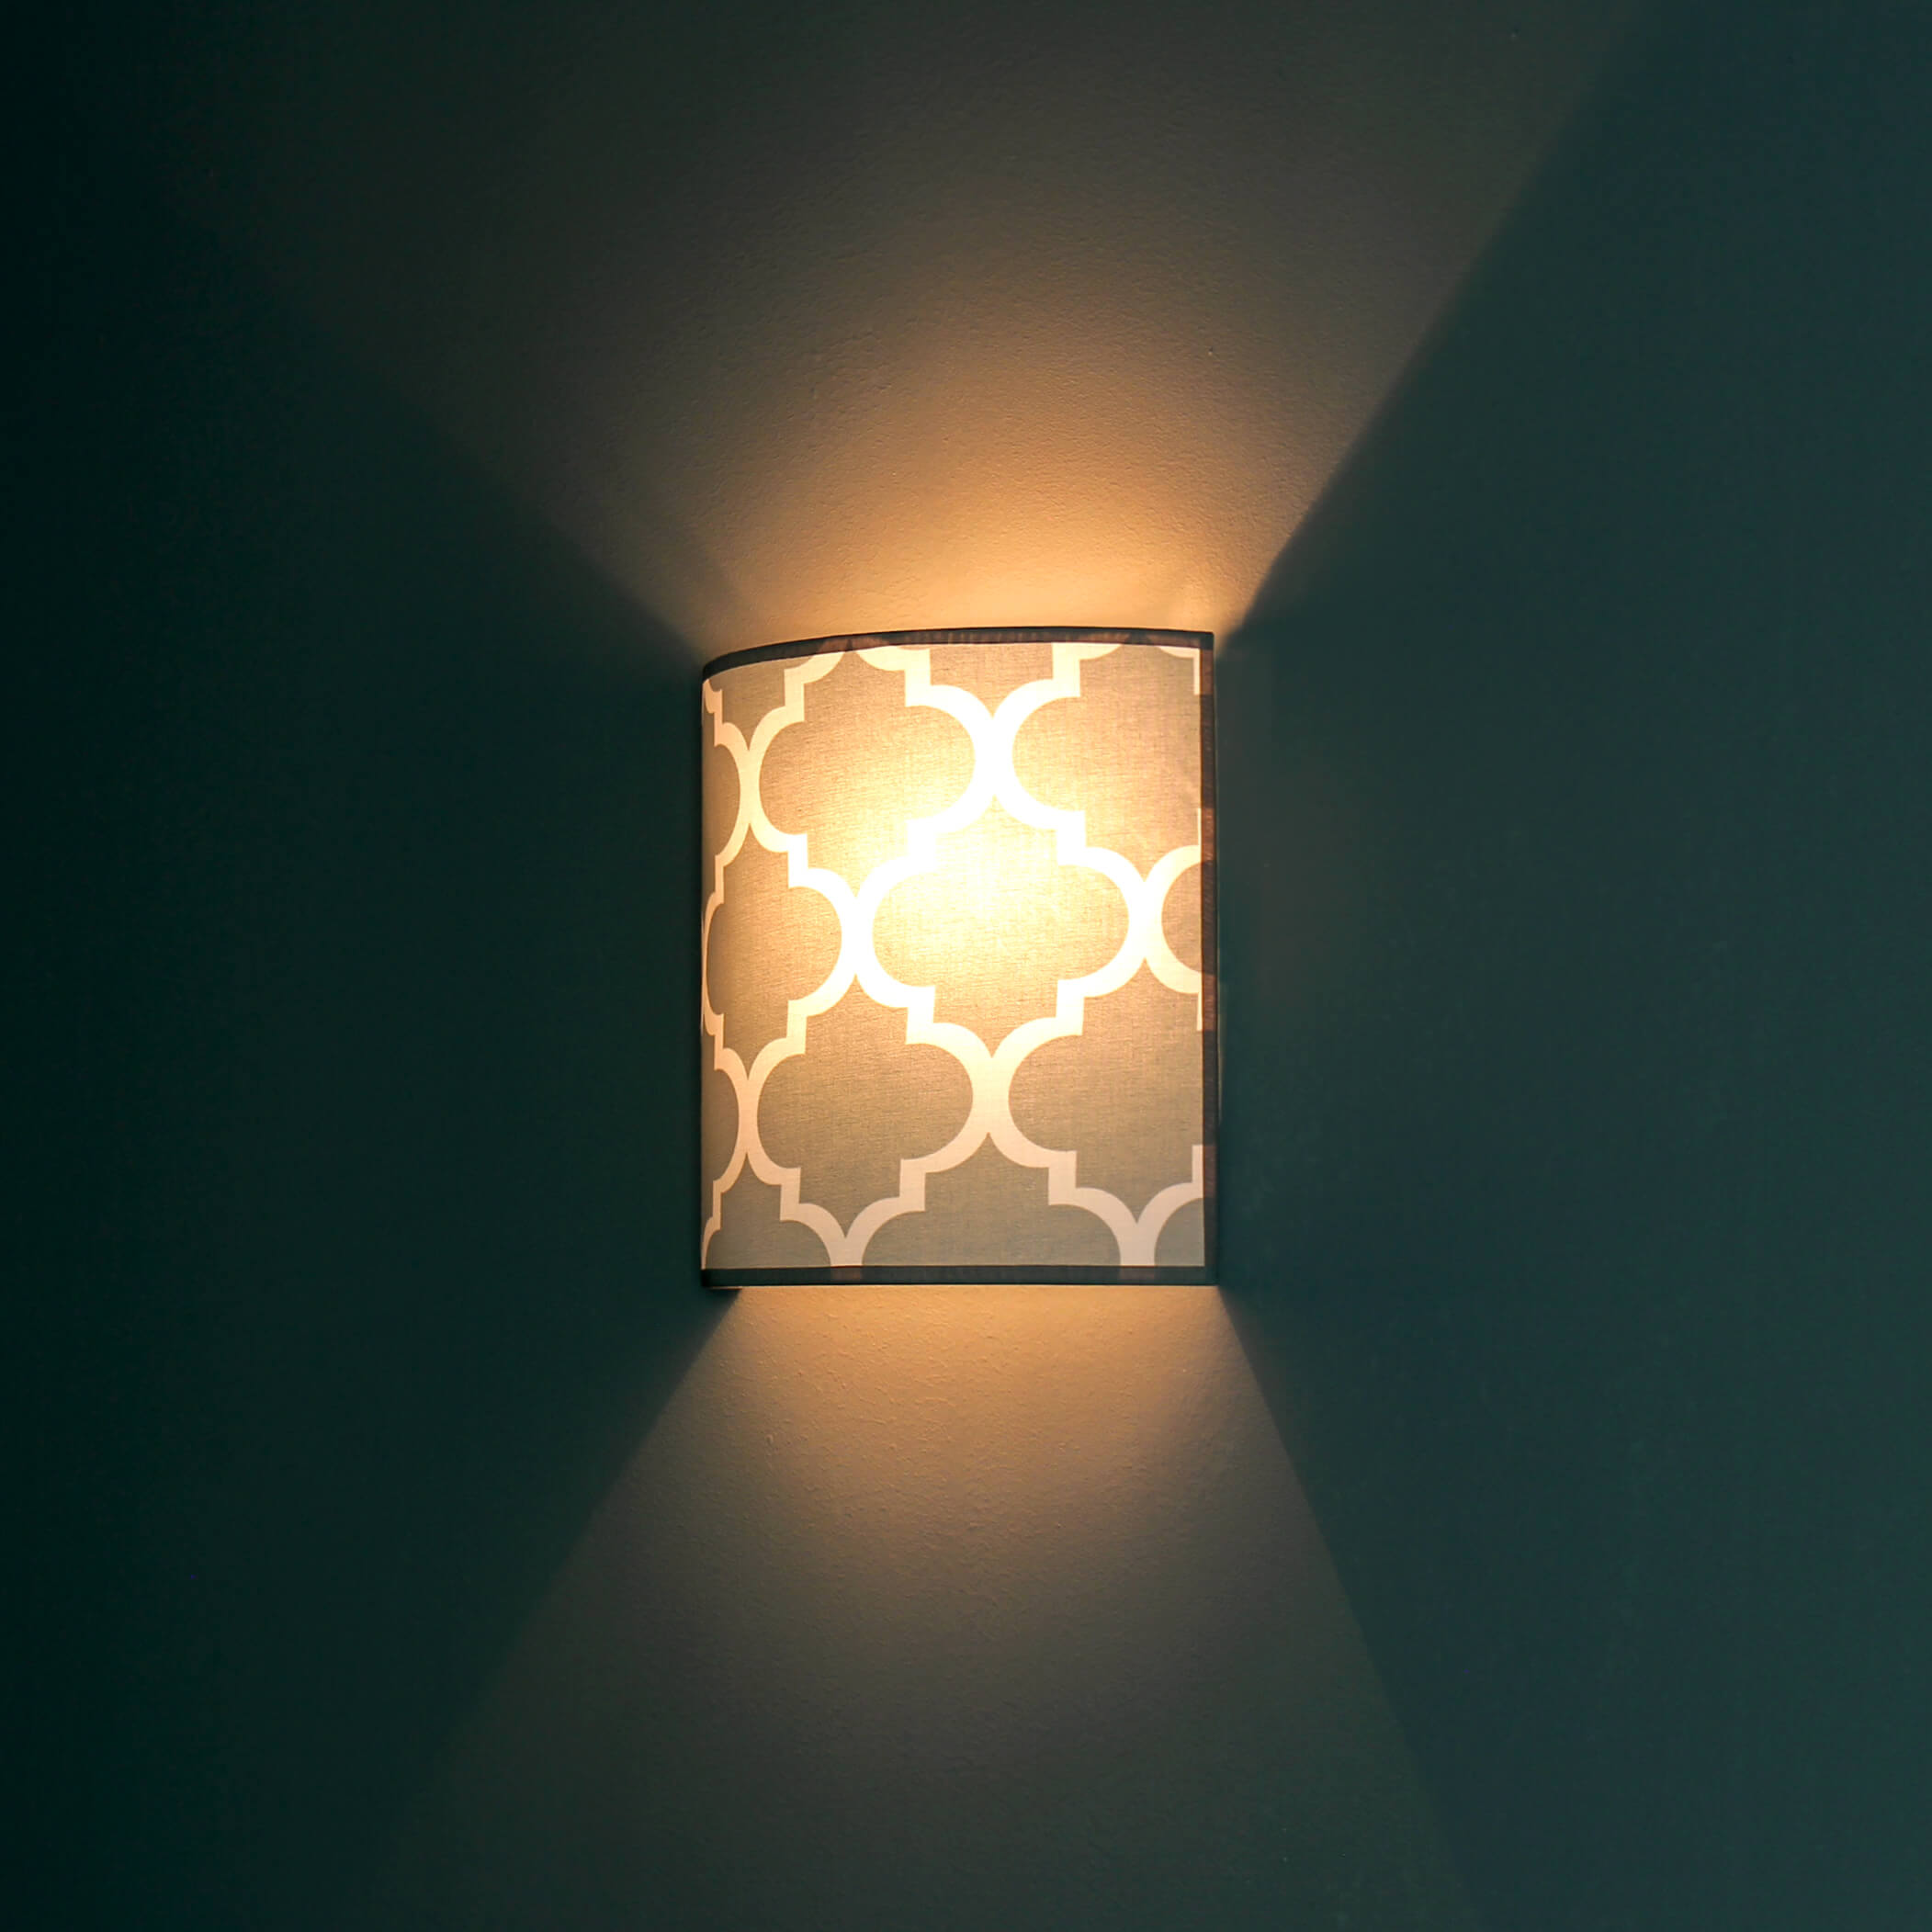 Wandlampe Grau Weiß Wohnzimmer Retro